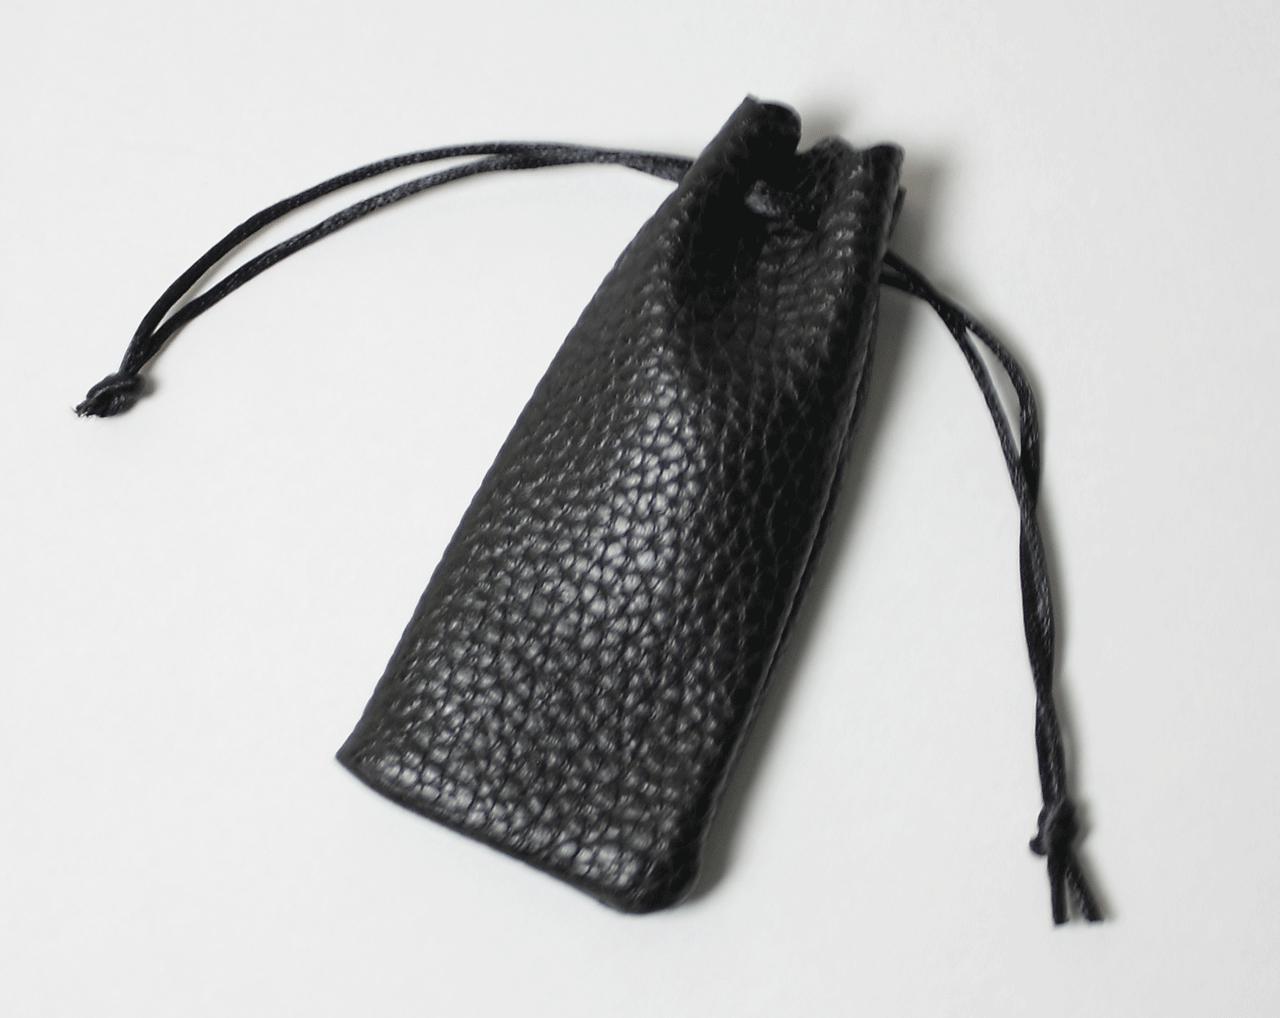 個人認印 オランダ水牛(寸胴) 12.0mm ソフトケース付き